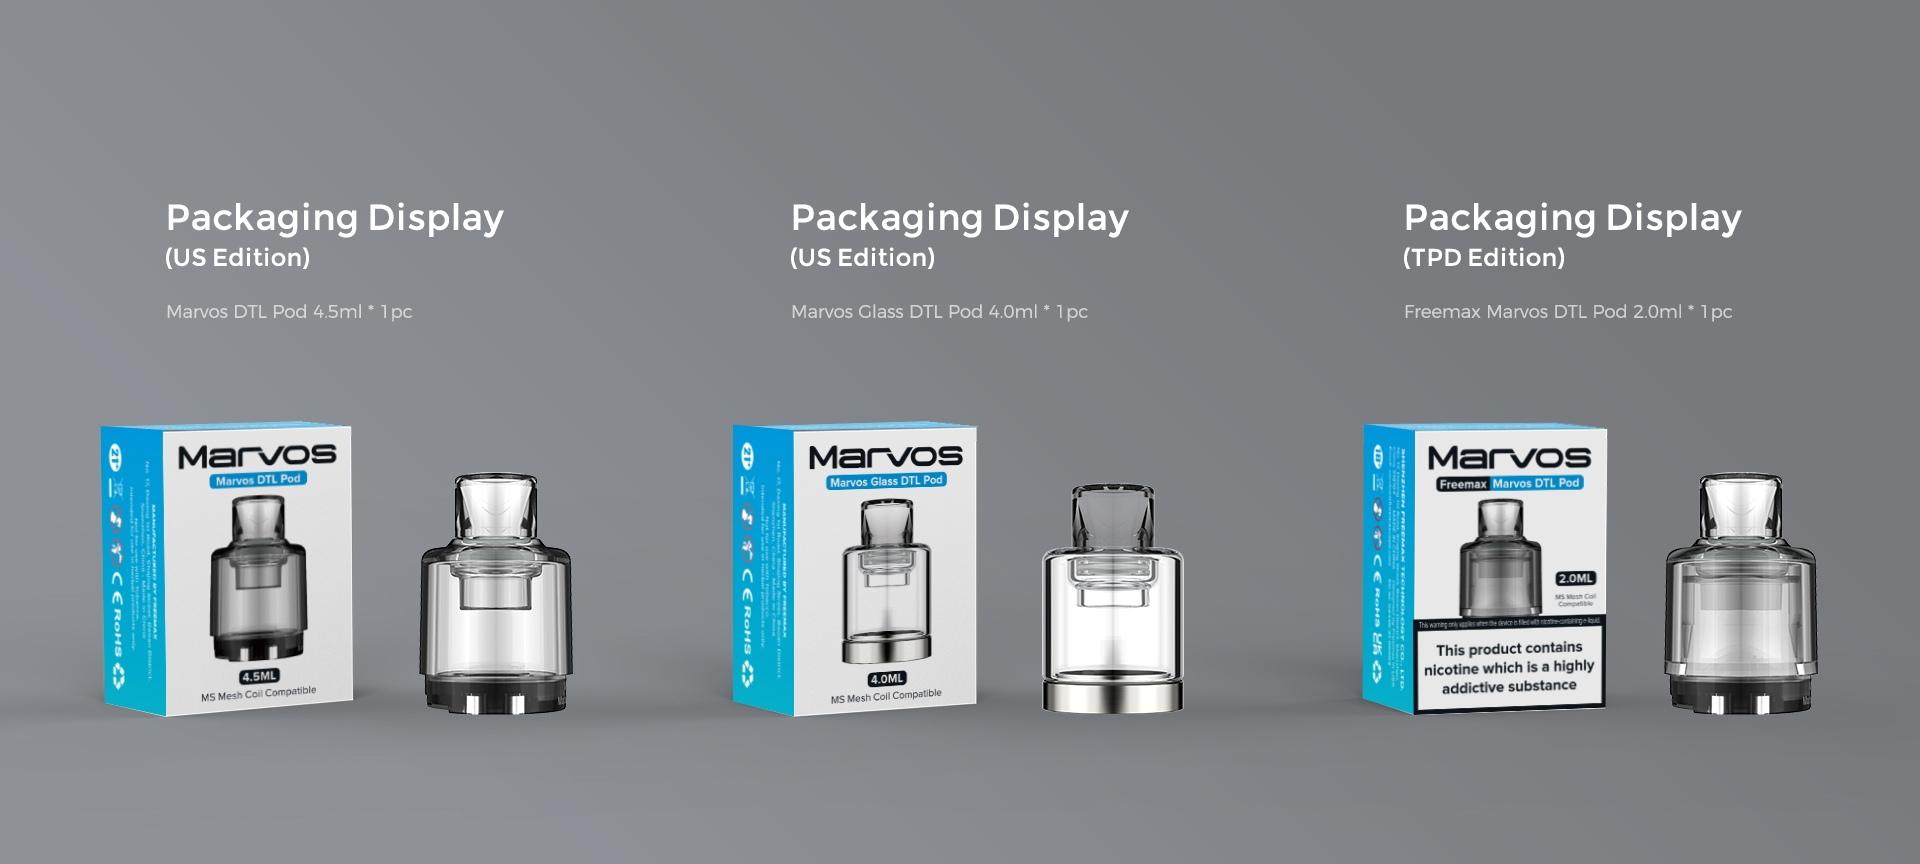 Marvos DTL Pod - Packaging Display